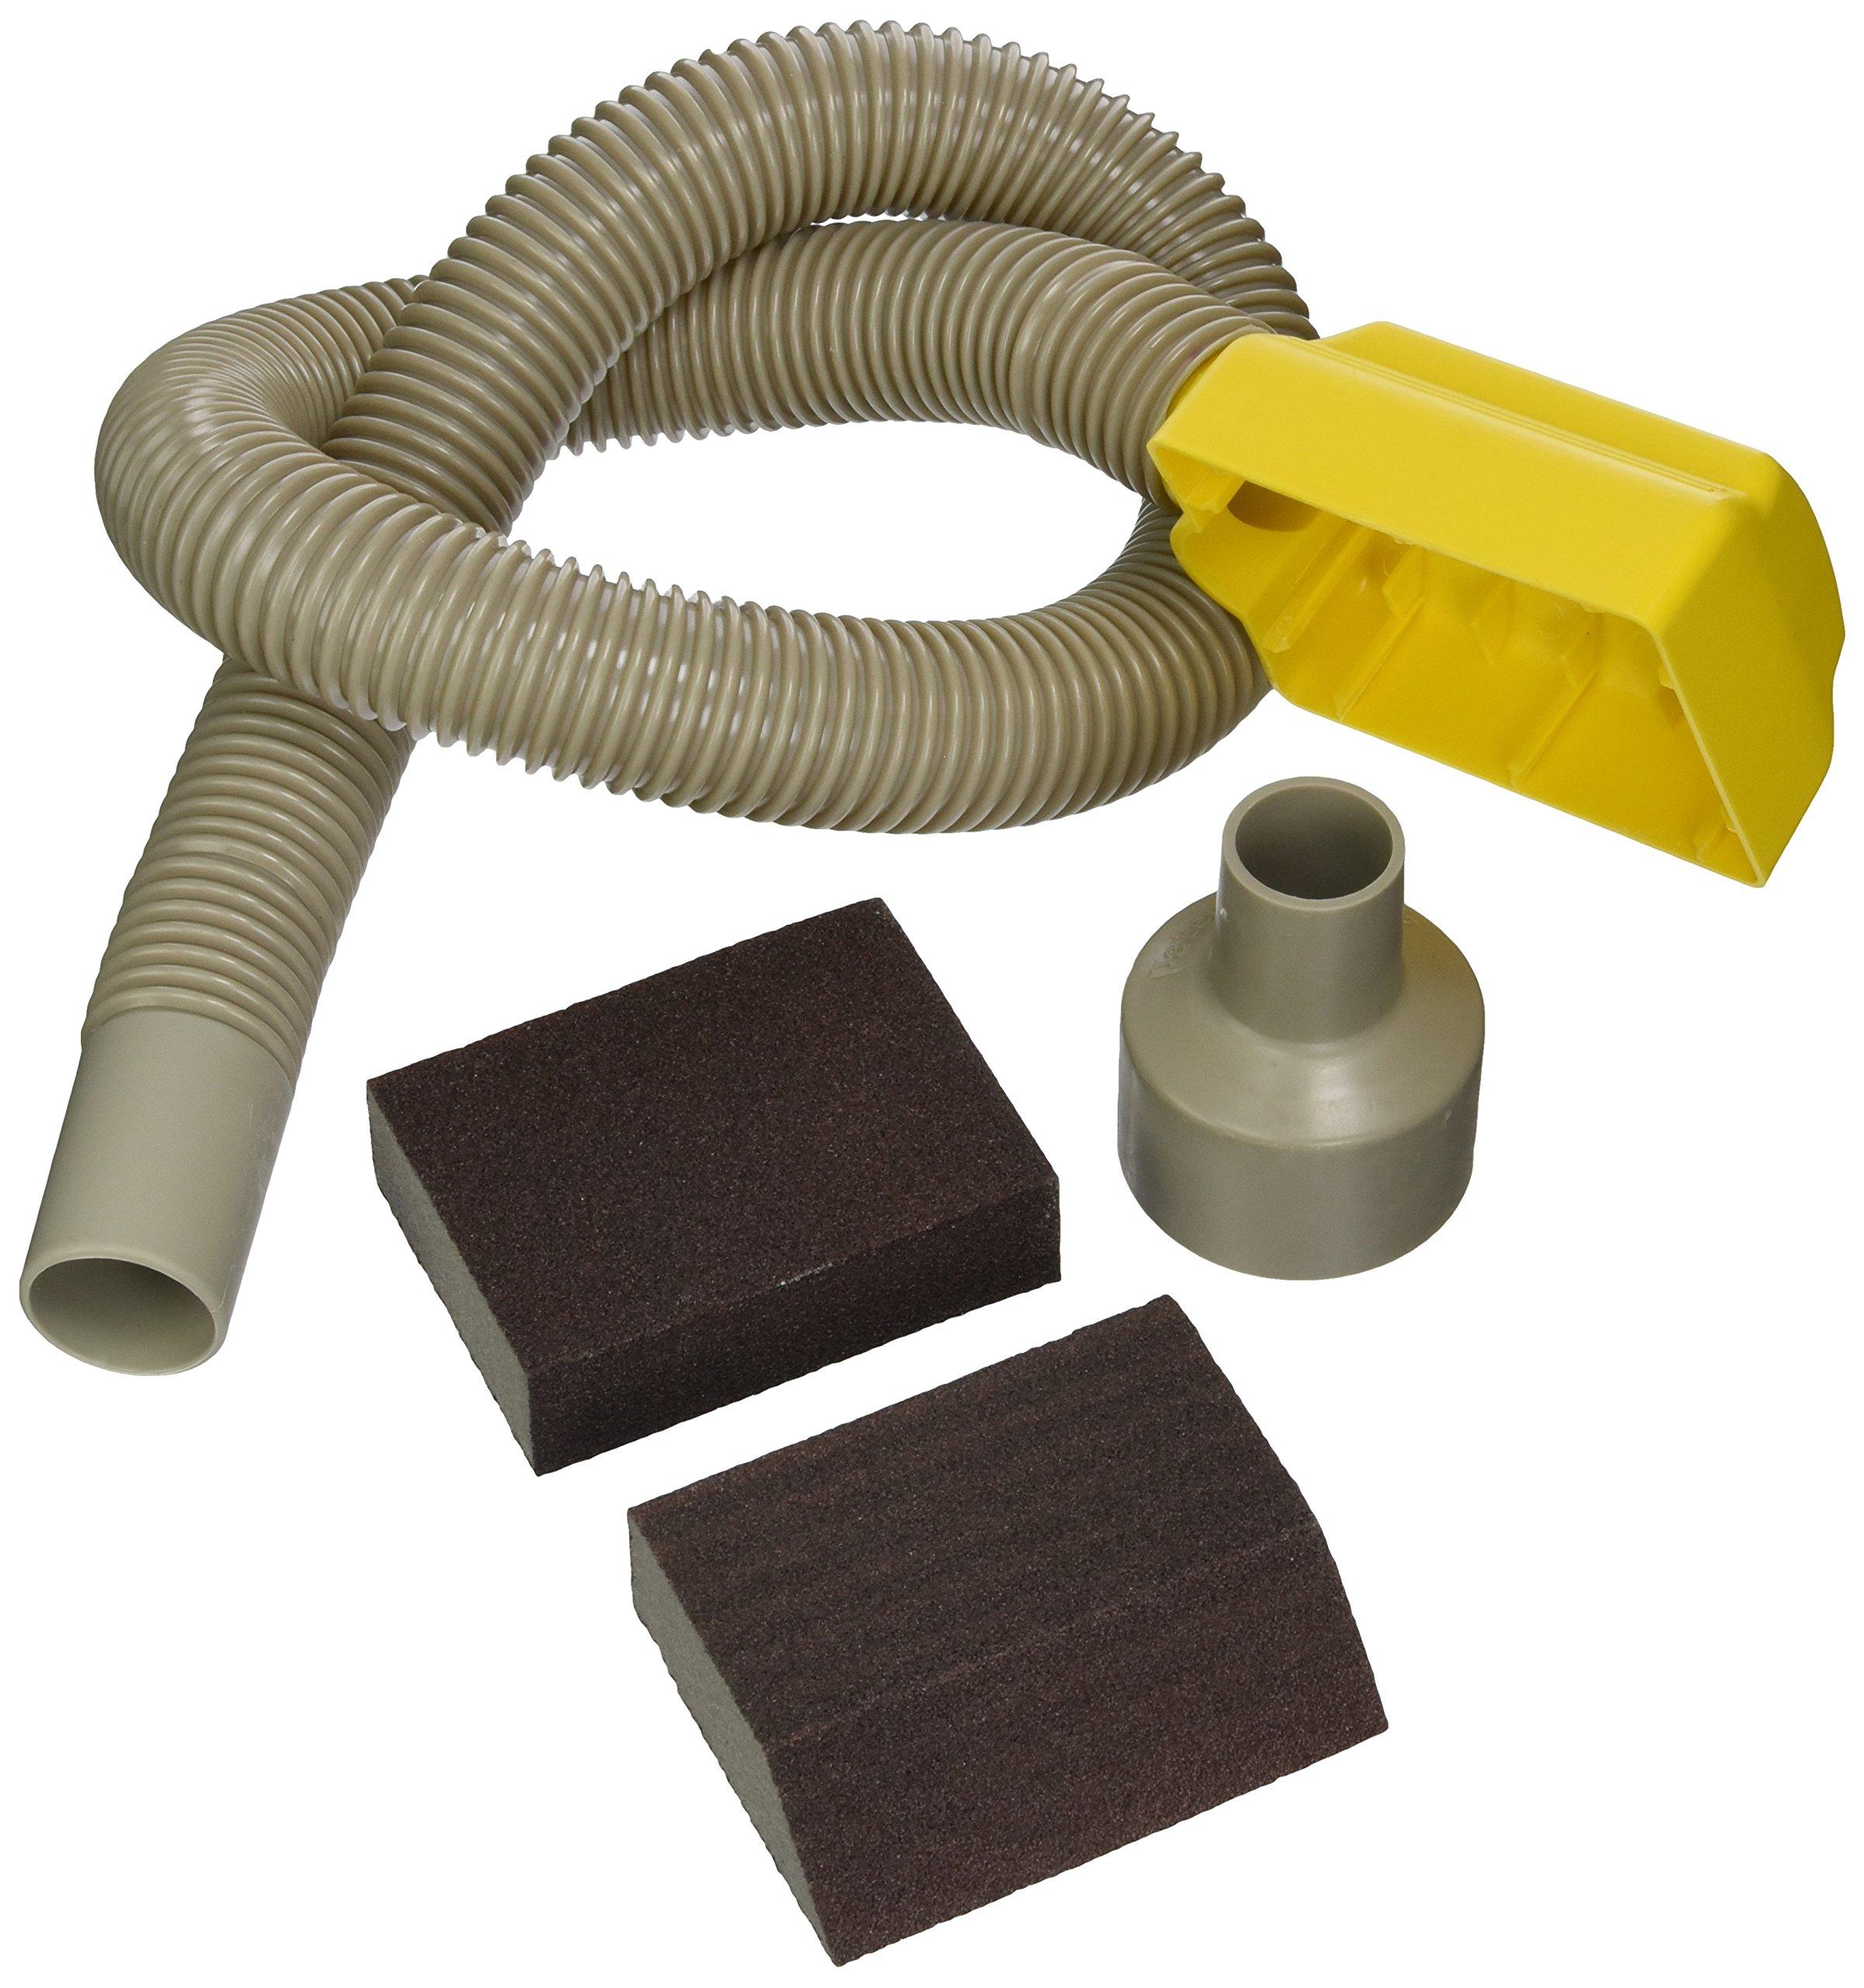 HYDE TOOLS 9160 Sponge Dust-Free Sander by HYDE TOOLS